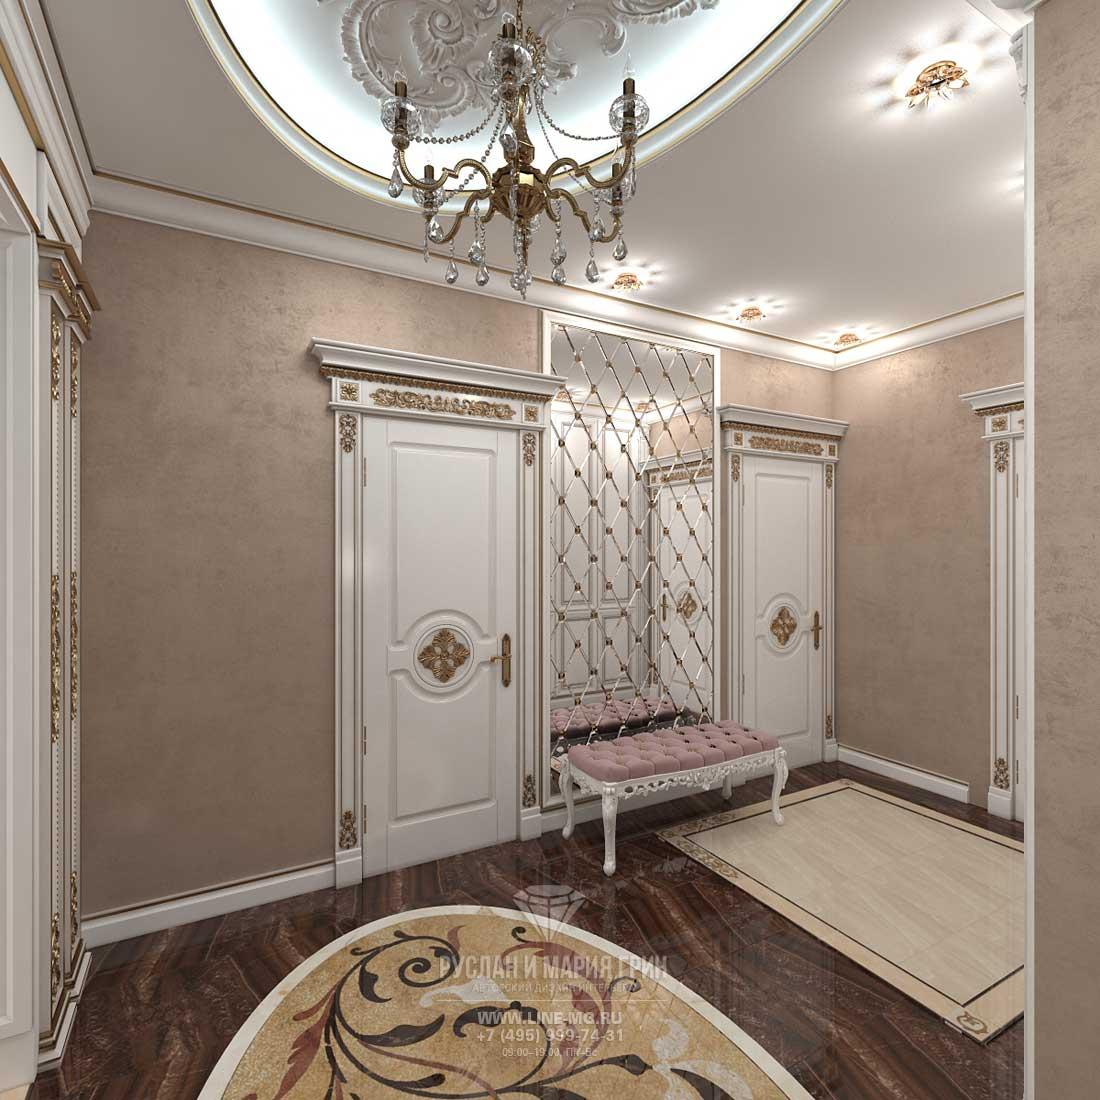 Дизайн прихожей в доме. Фото 2016